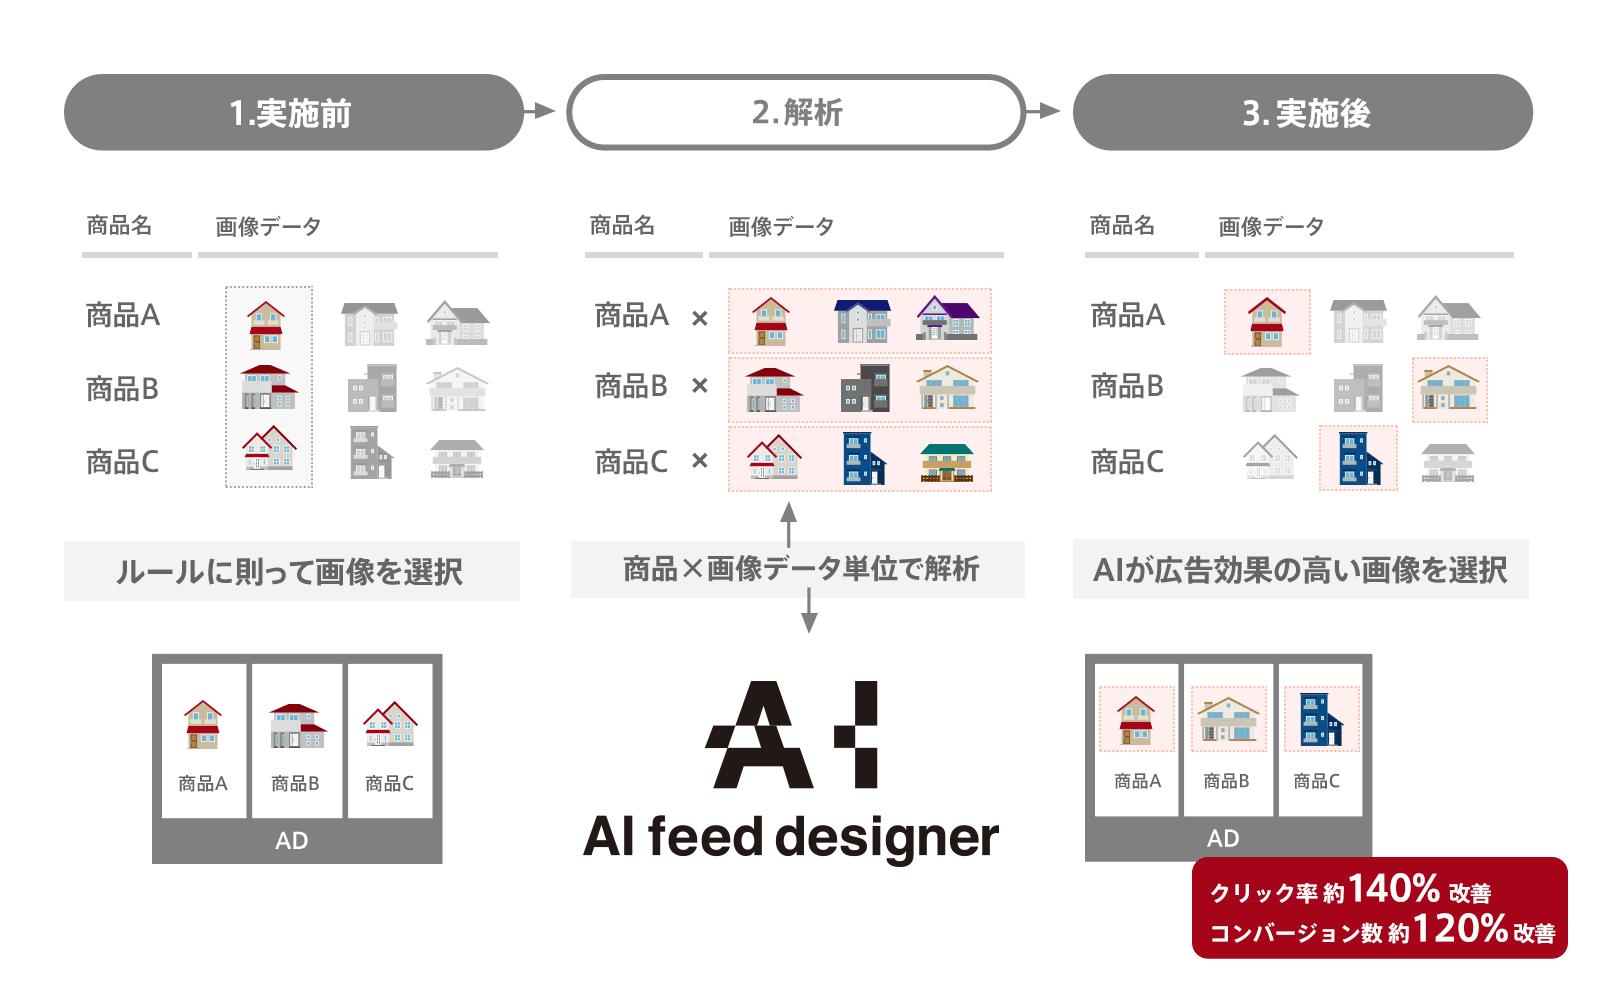 AI feed designer